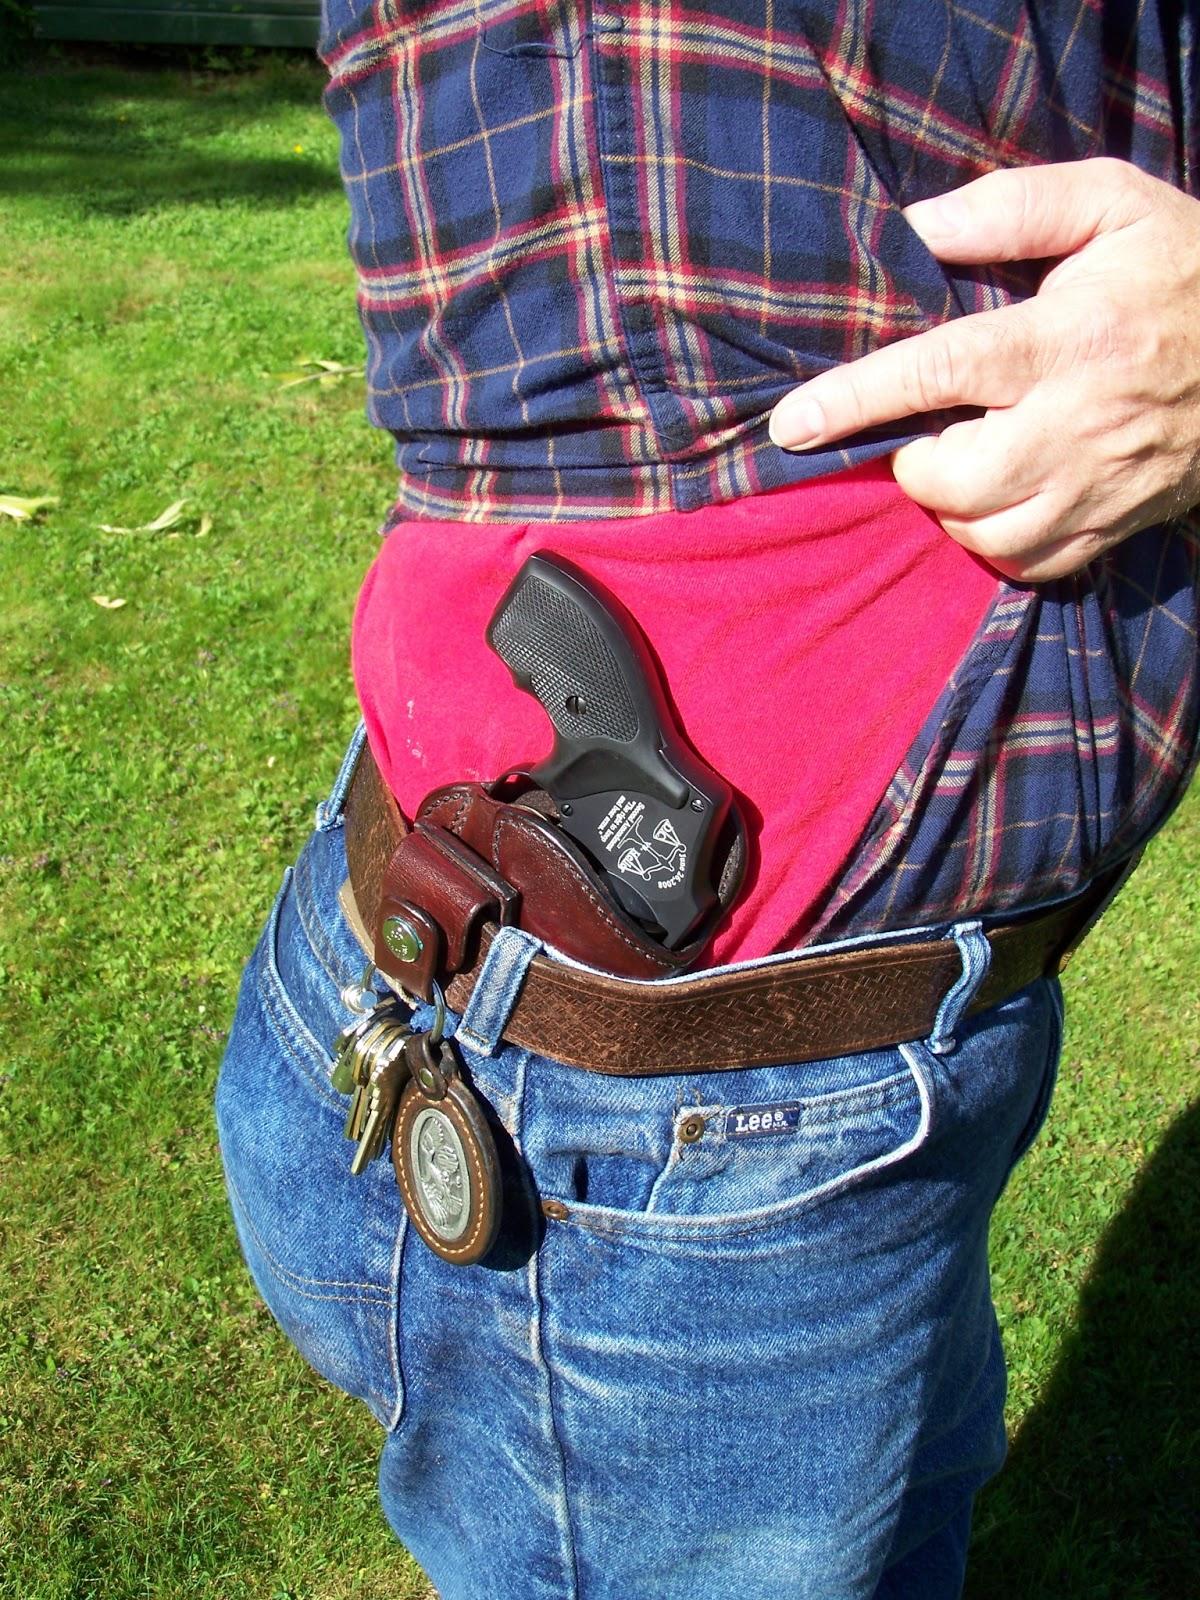 Gun Magazine: Handguns, Firearms, Pistol, Rifles and Shout Guns